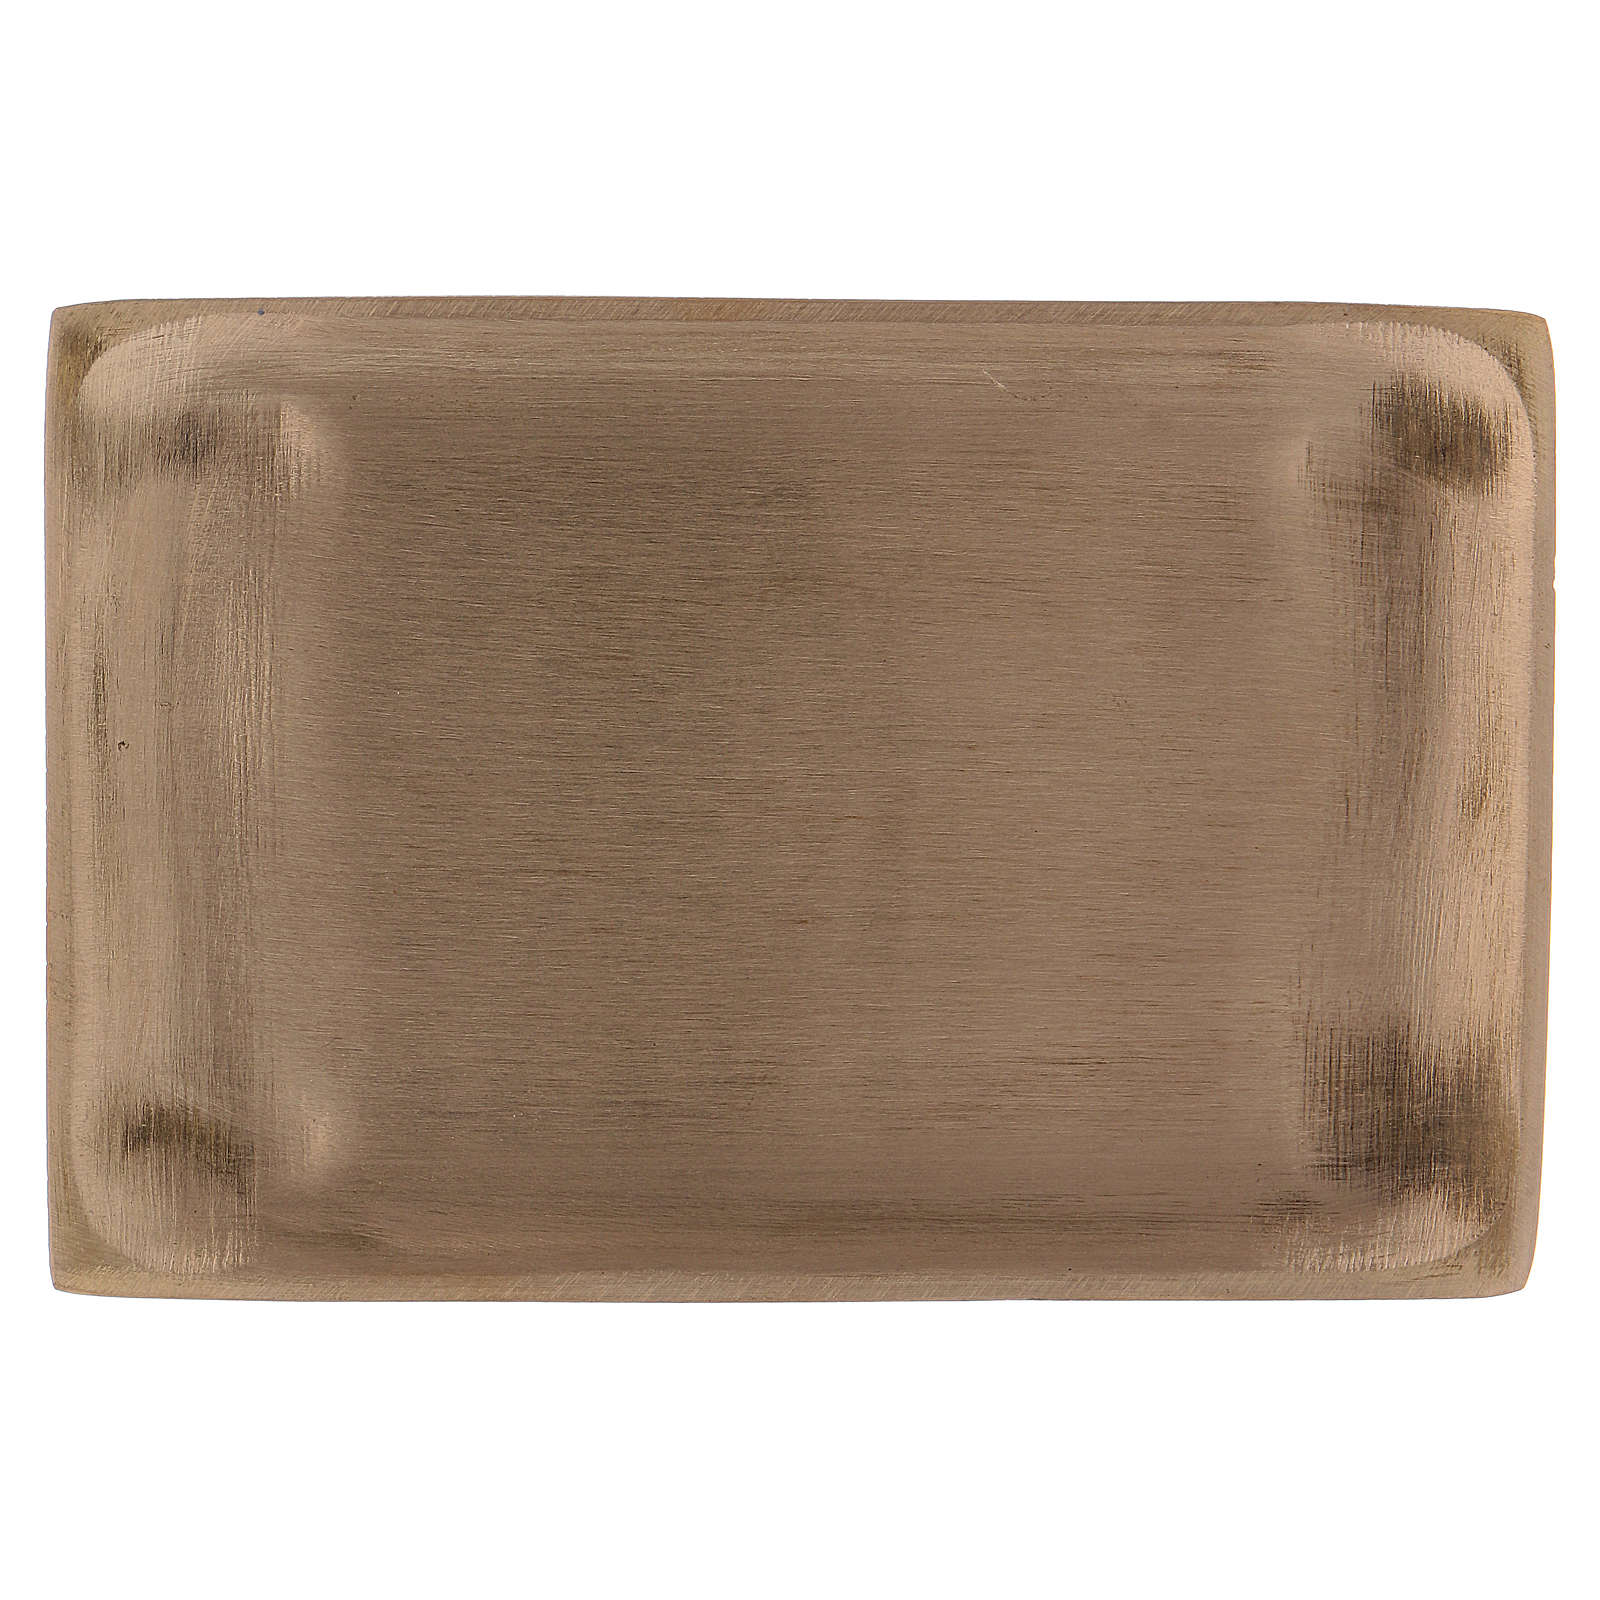 Piattino portacandela ottone dorato opaco rettangolare 11x8 cm 3